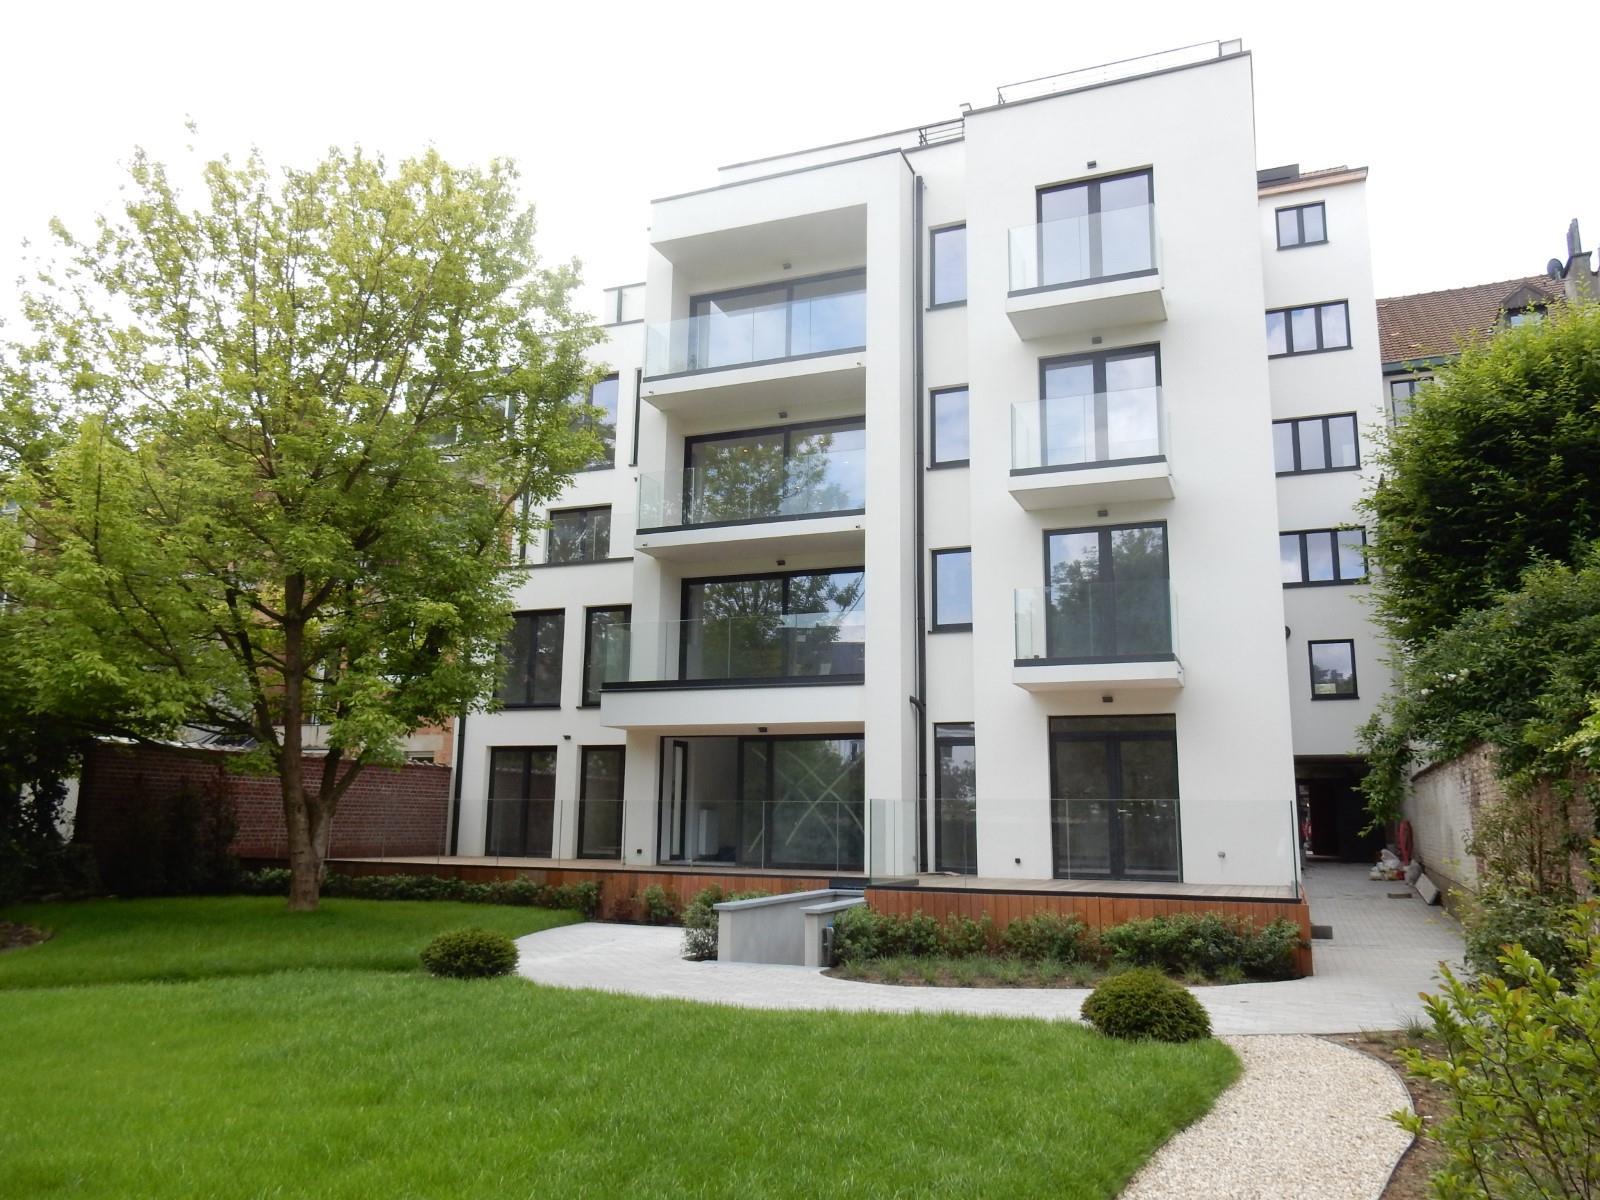 Appartement exceptionnel - Ixelles - #3929607-15